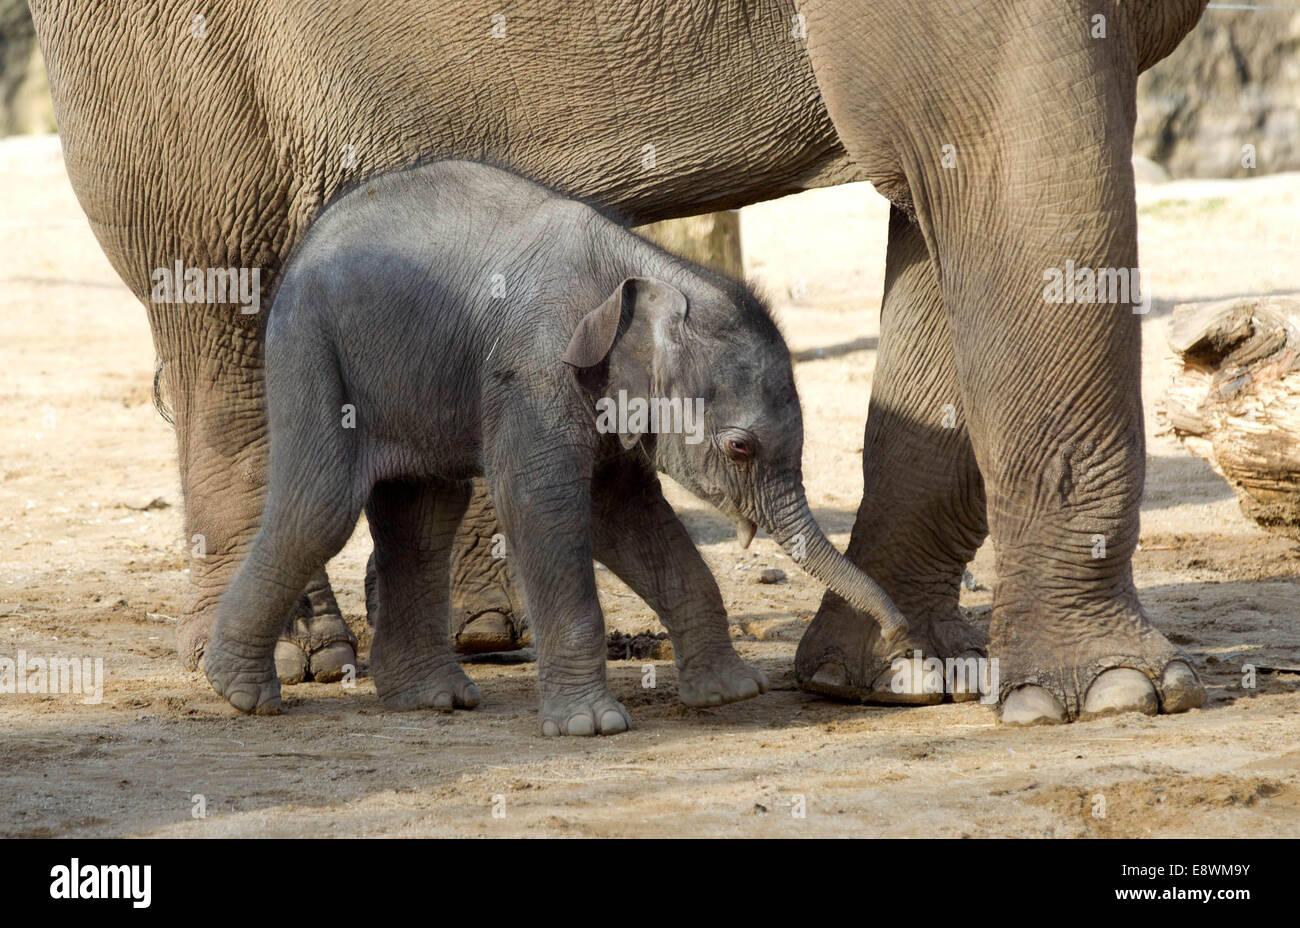 Un bébé éléphant asiatique poursuit en toute transparence au zoo de Twycross Photo Stock